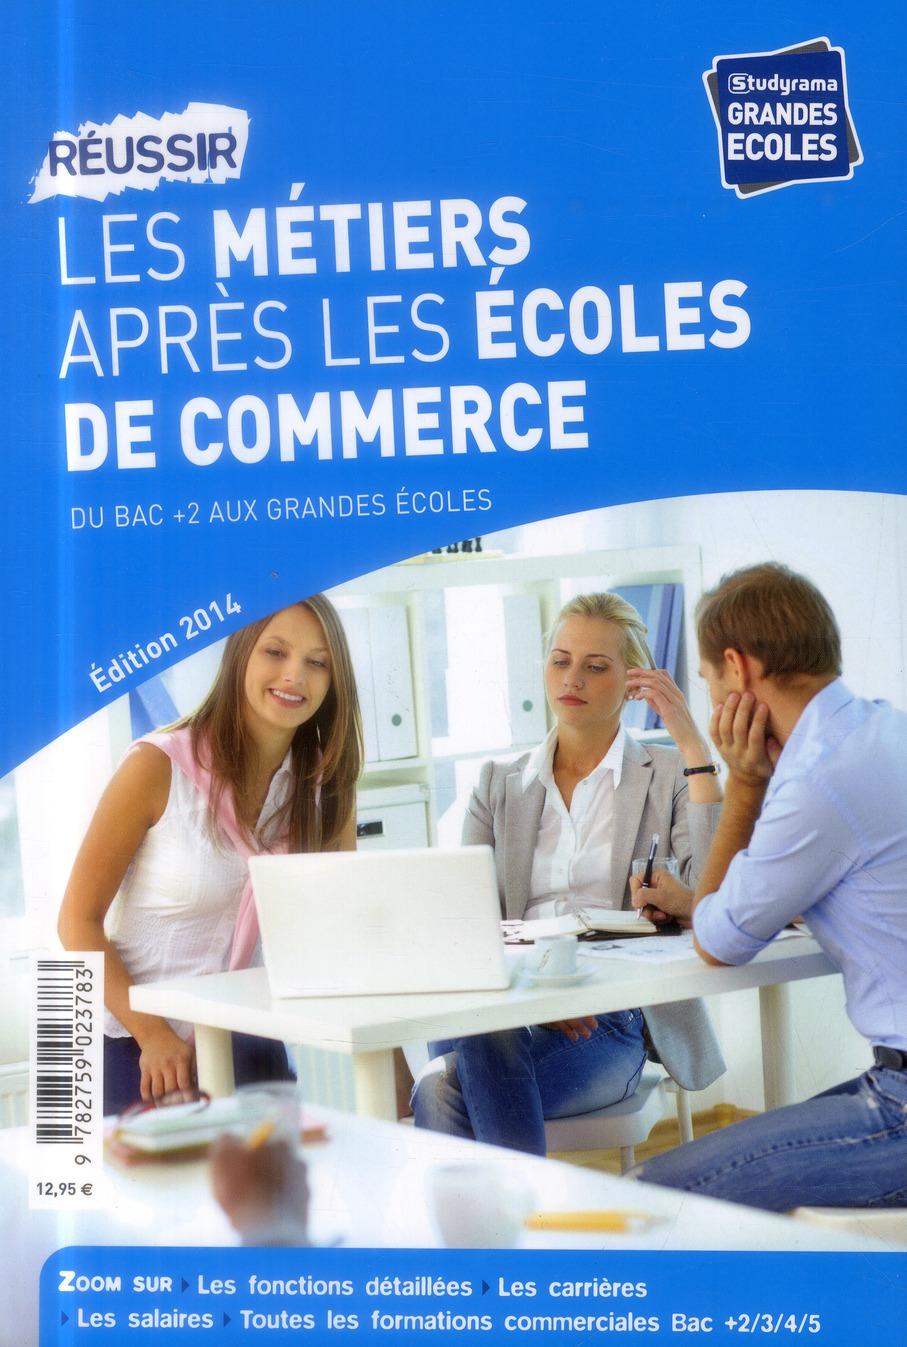 REUSSIR LES METIERS APRES LES ECOLES DE COMMERCE EDITION 2014